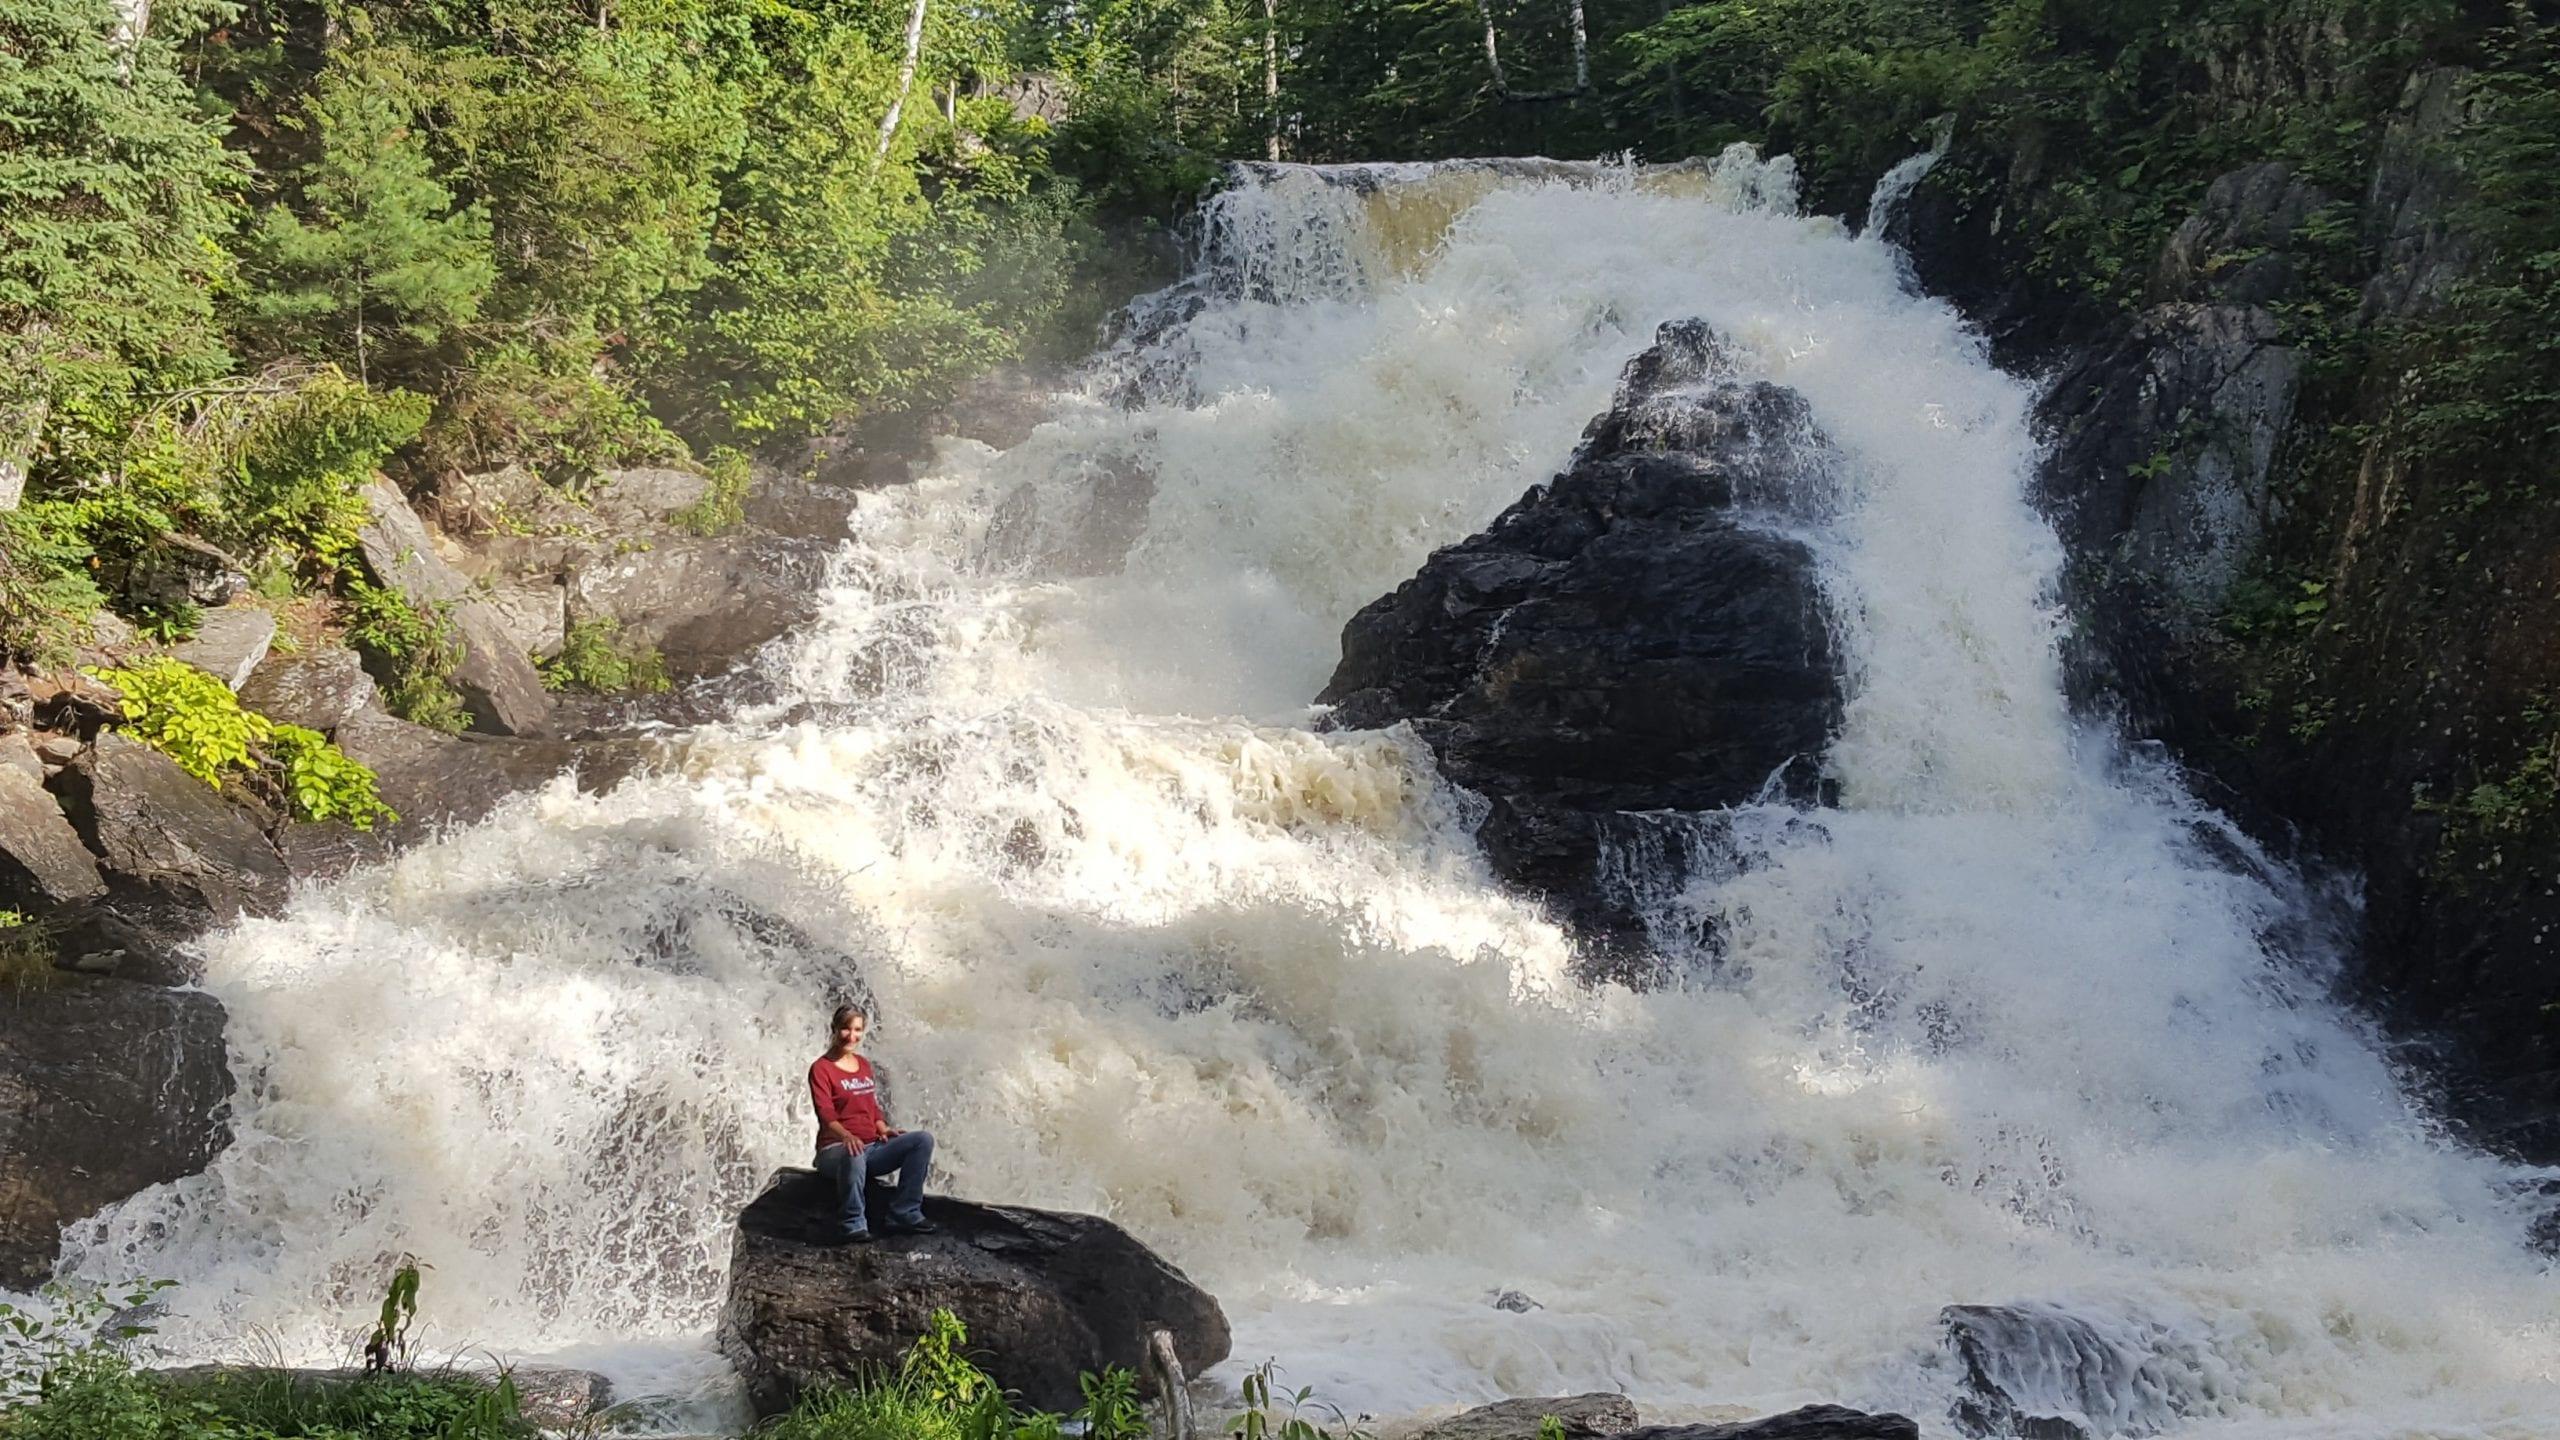 Angela at Shin Brook Falls.